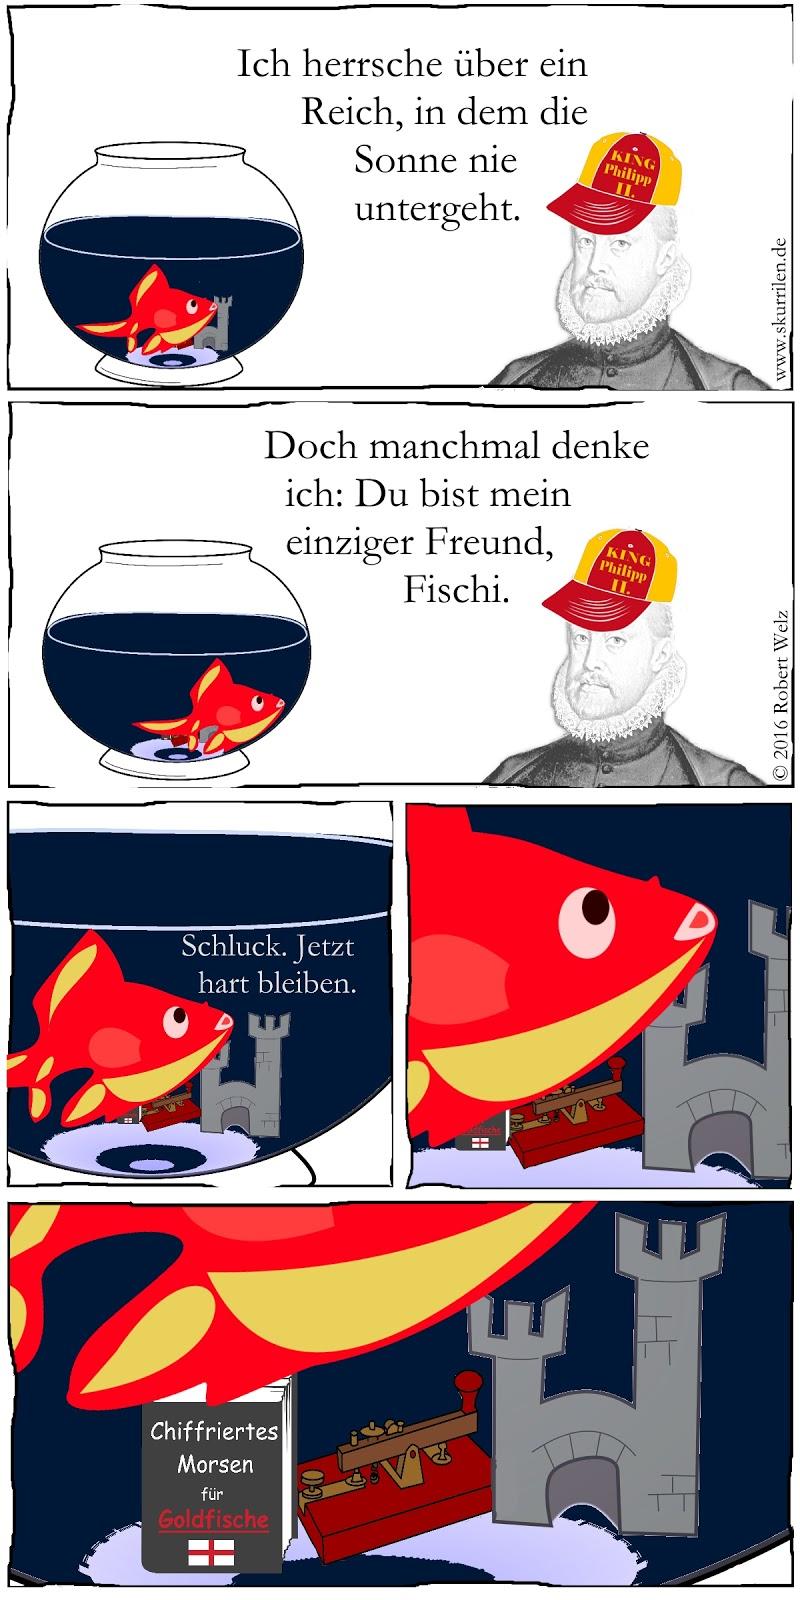 Comedy skurril im schrägen Collage Comic. Ein Goldfisch als Spion am Hofe des spanischen Monarchen Philipp II?